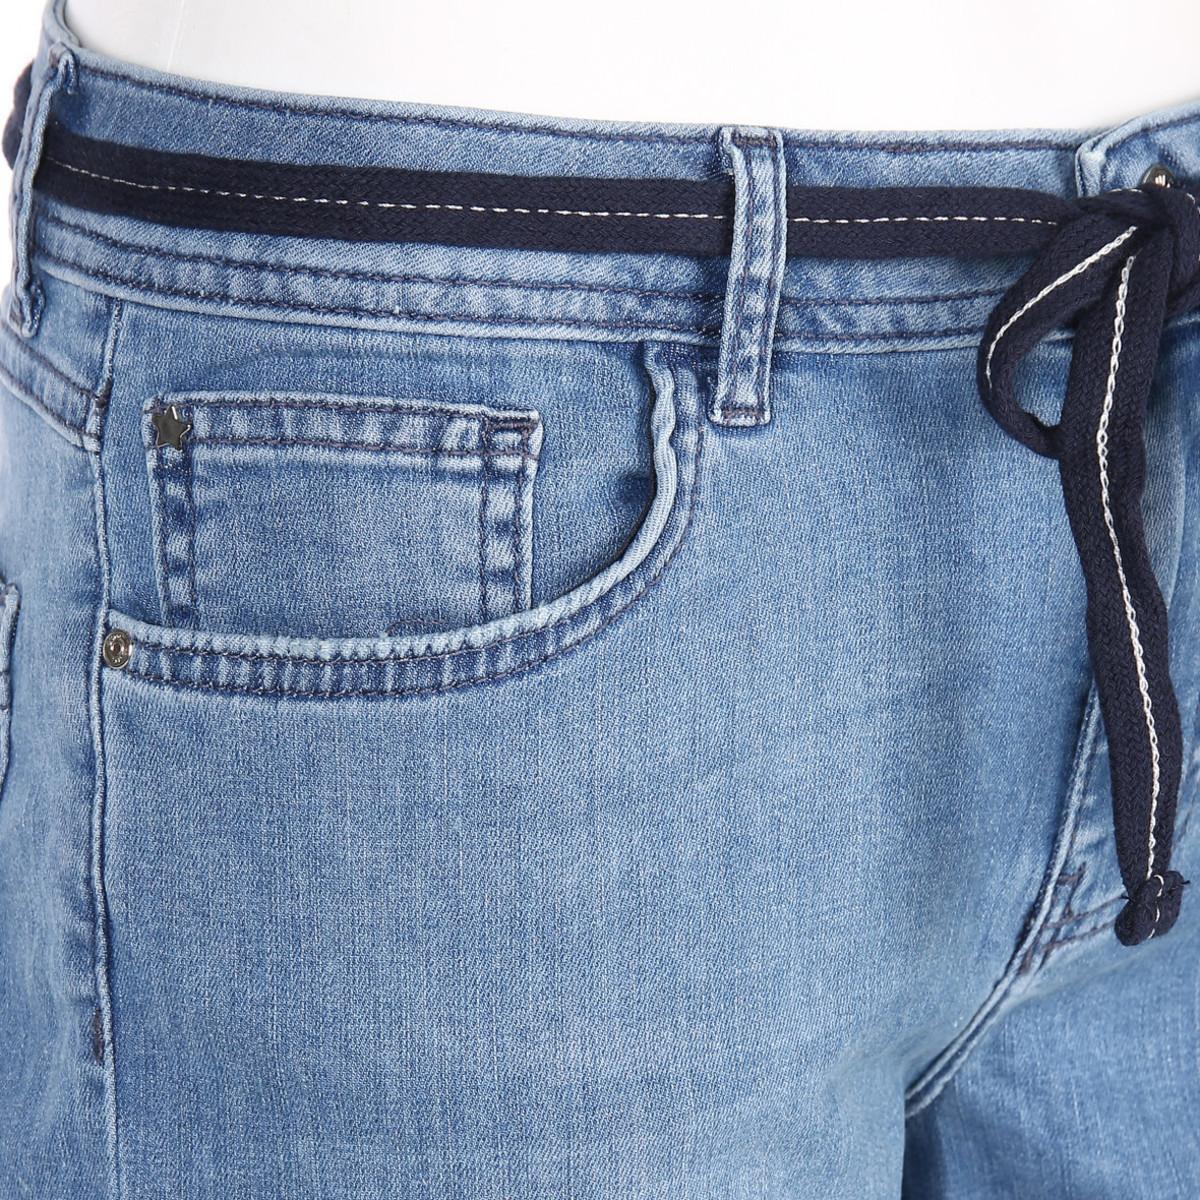 Bild 3 von Damen Jeans in 5-Pocket-Form mit Gürtel